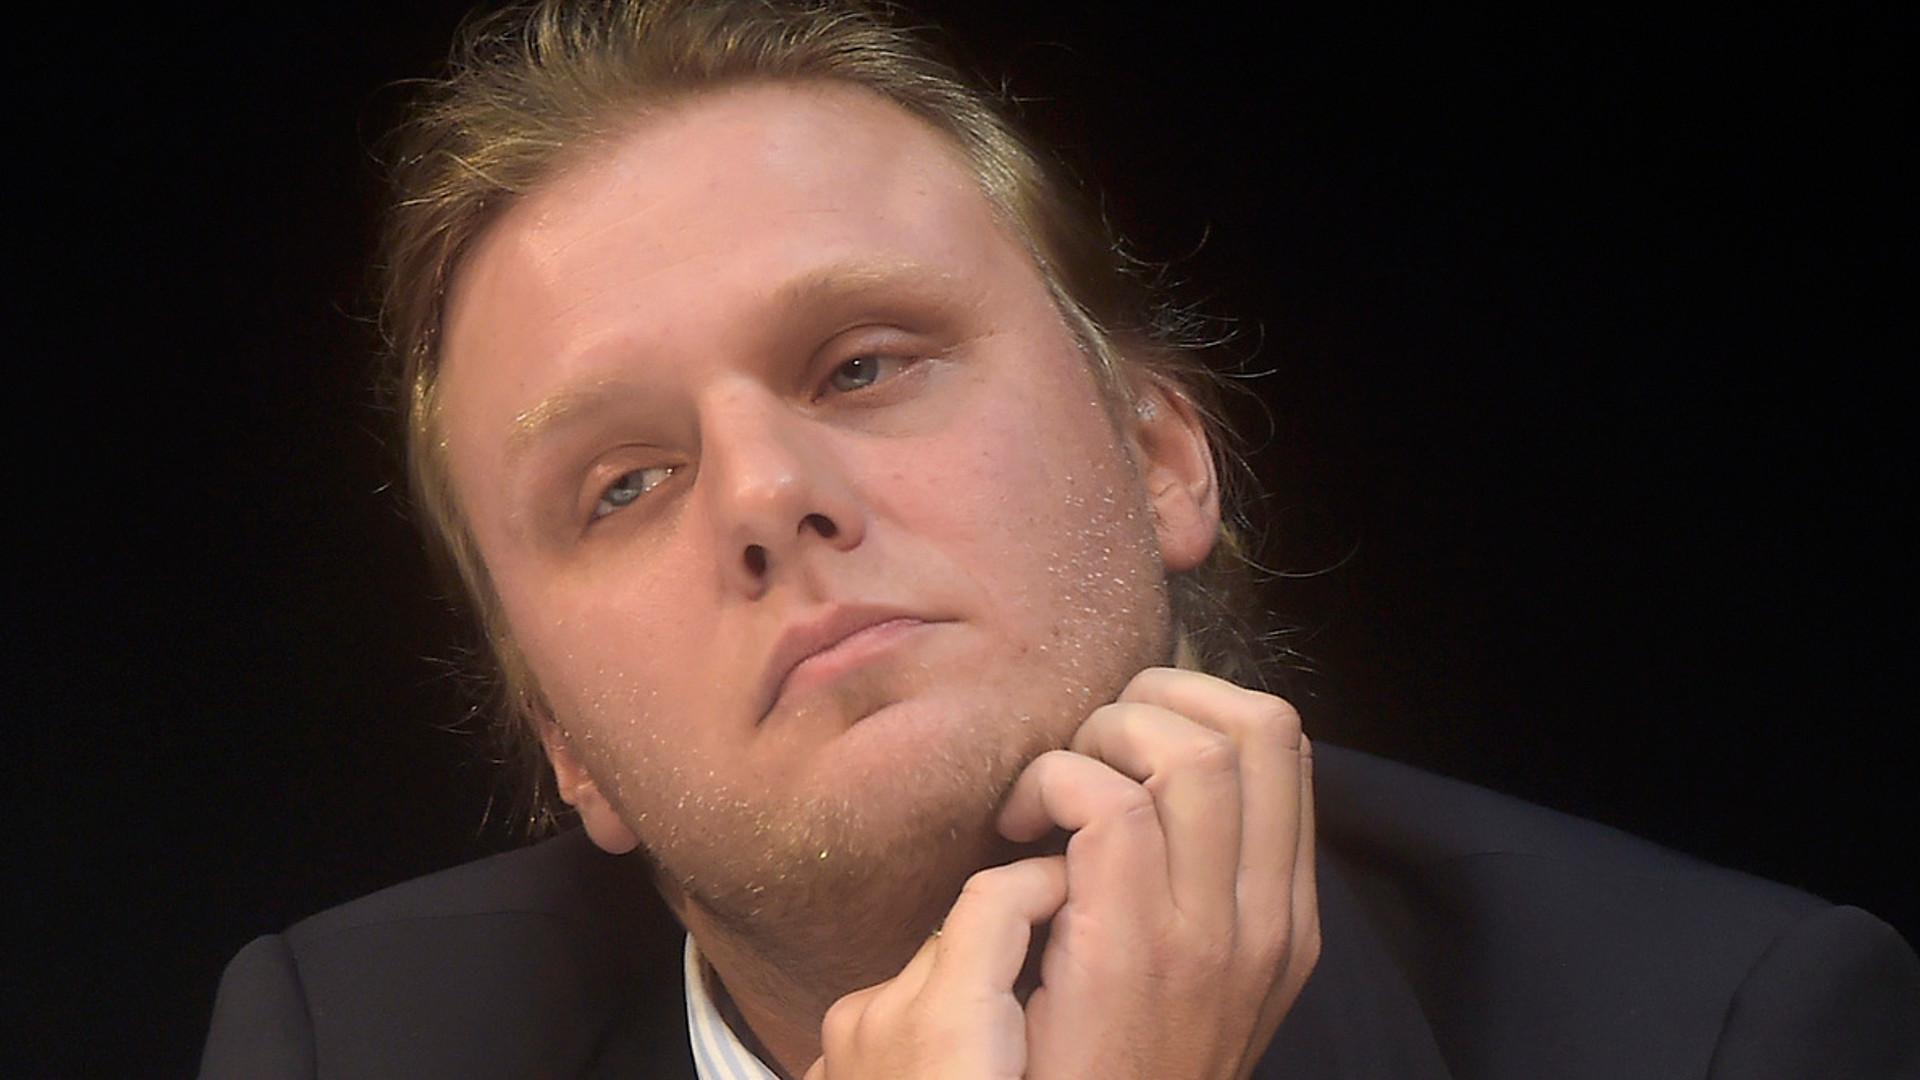 Dziś uroczystości pogrzebowe Piotra Woźniaka-Staraka